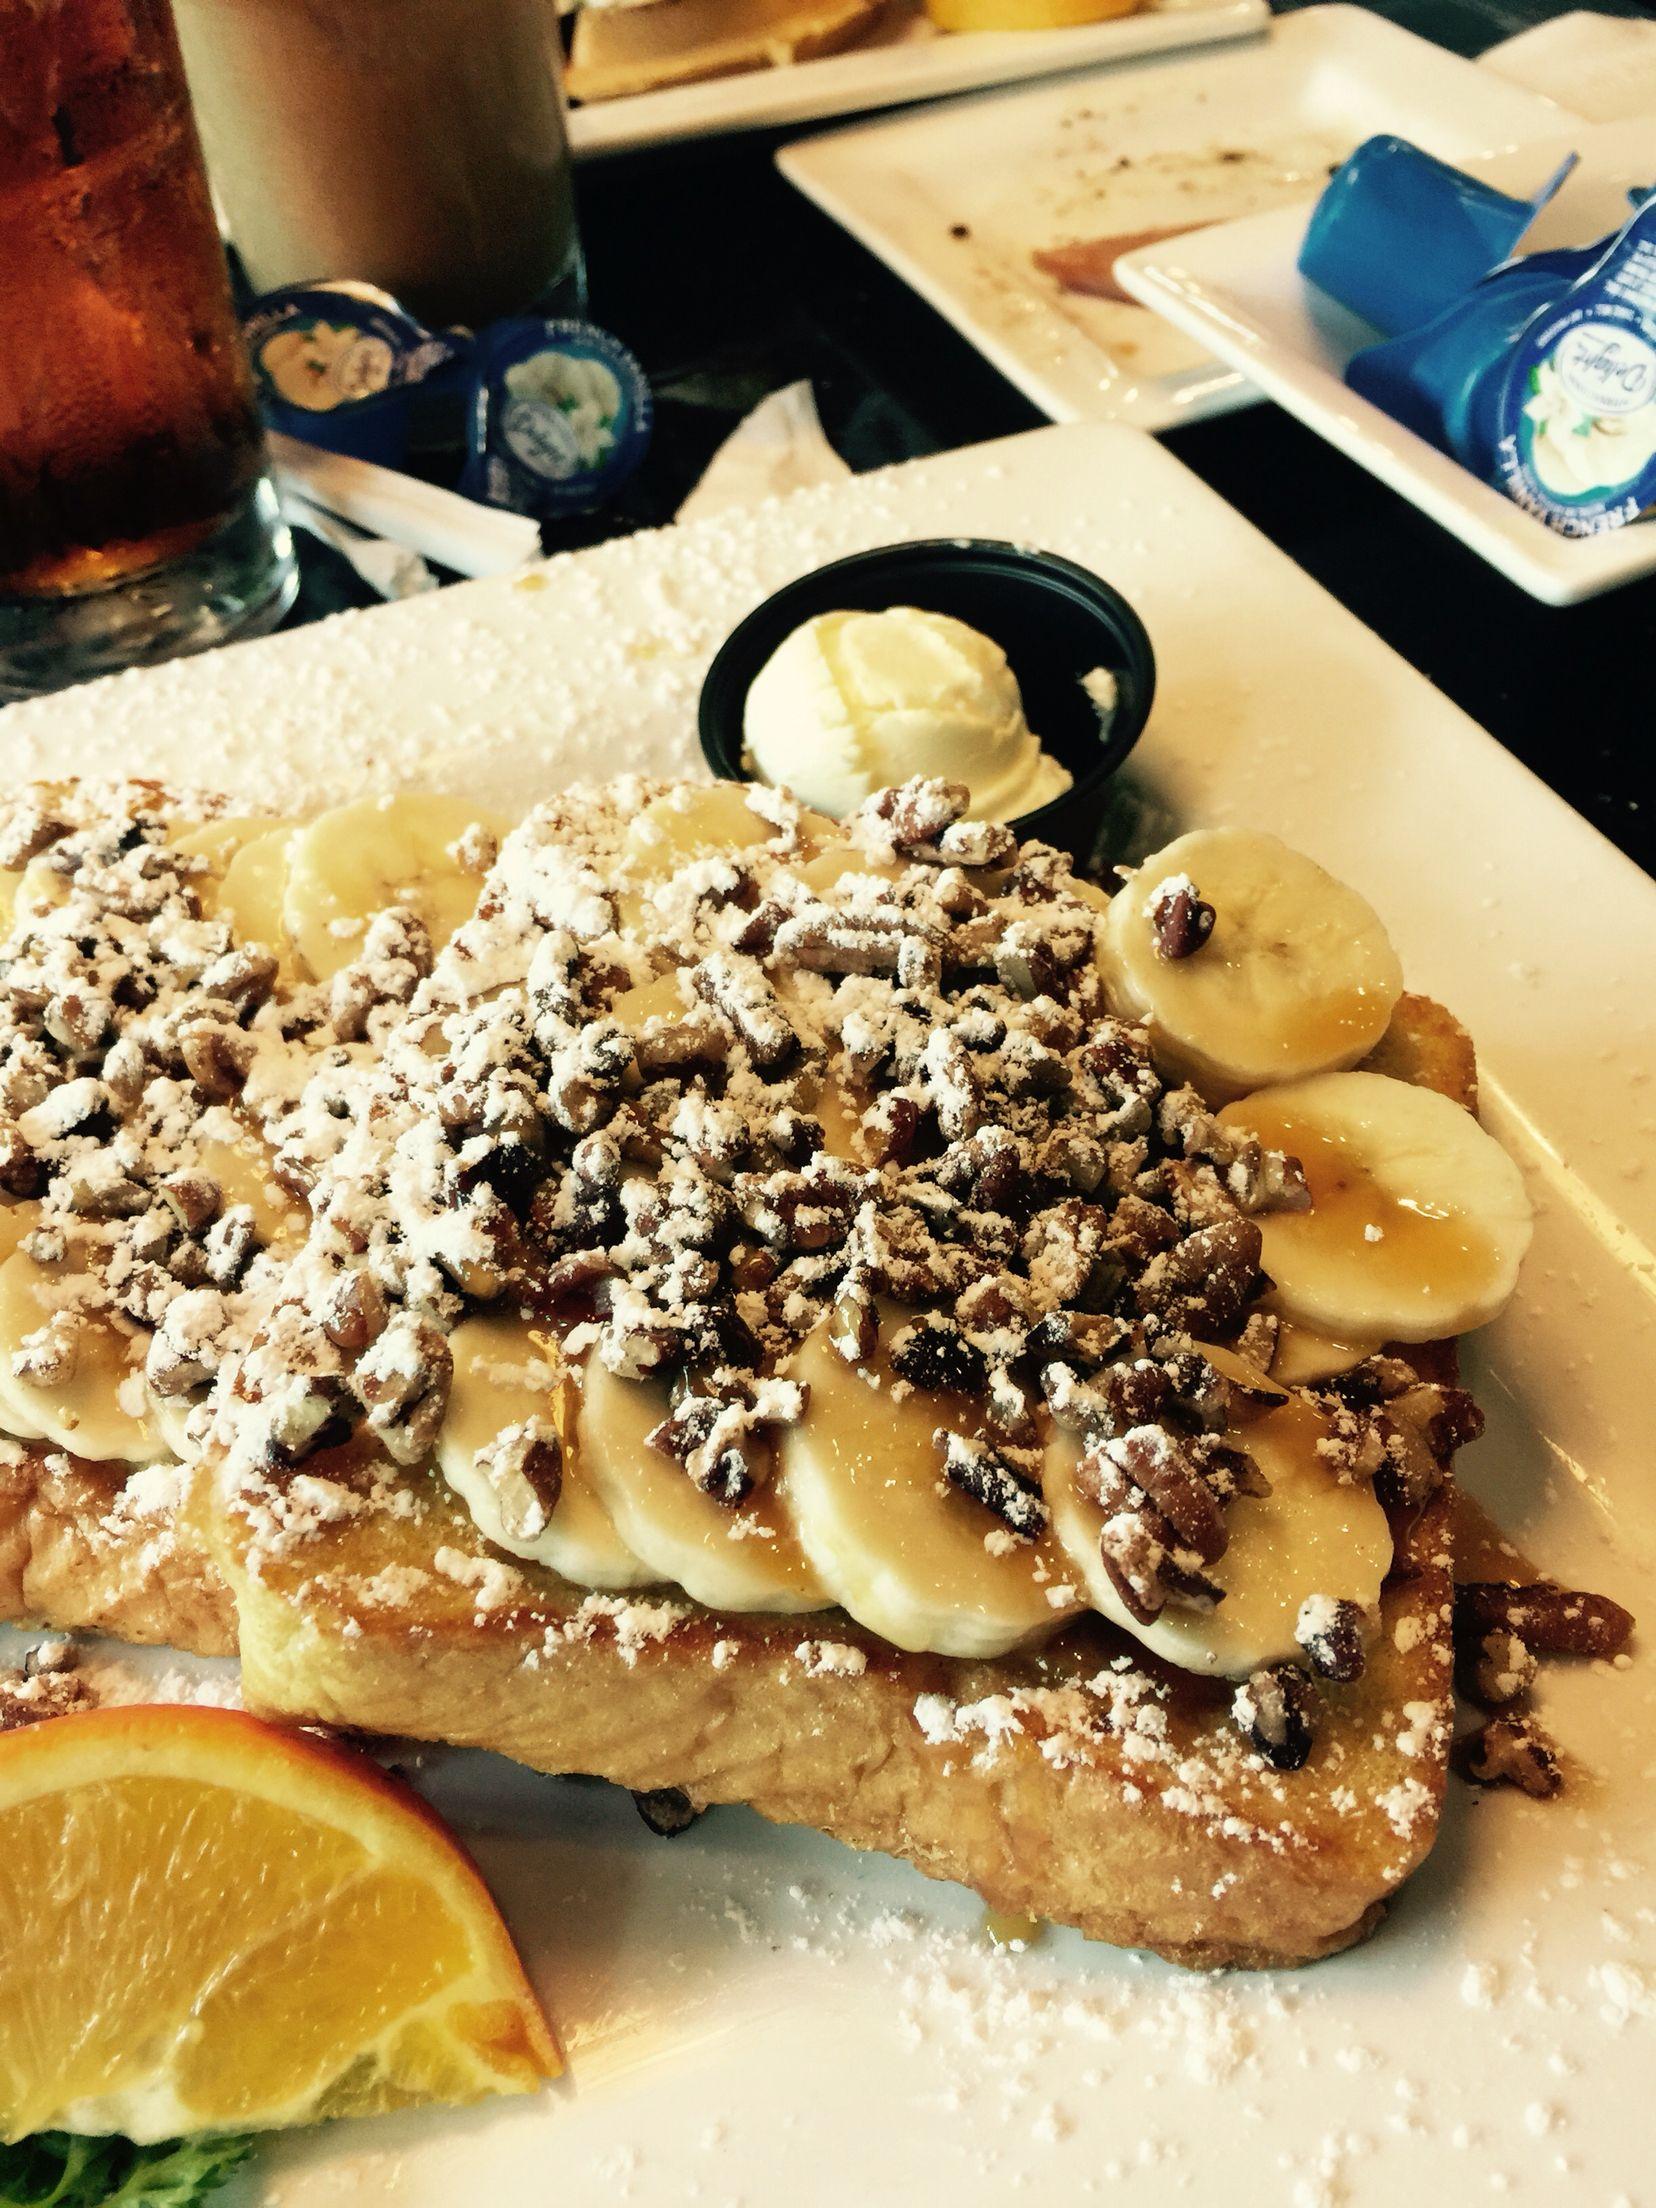 Banana pecan Carmel French toasts # foodporn